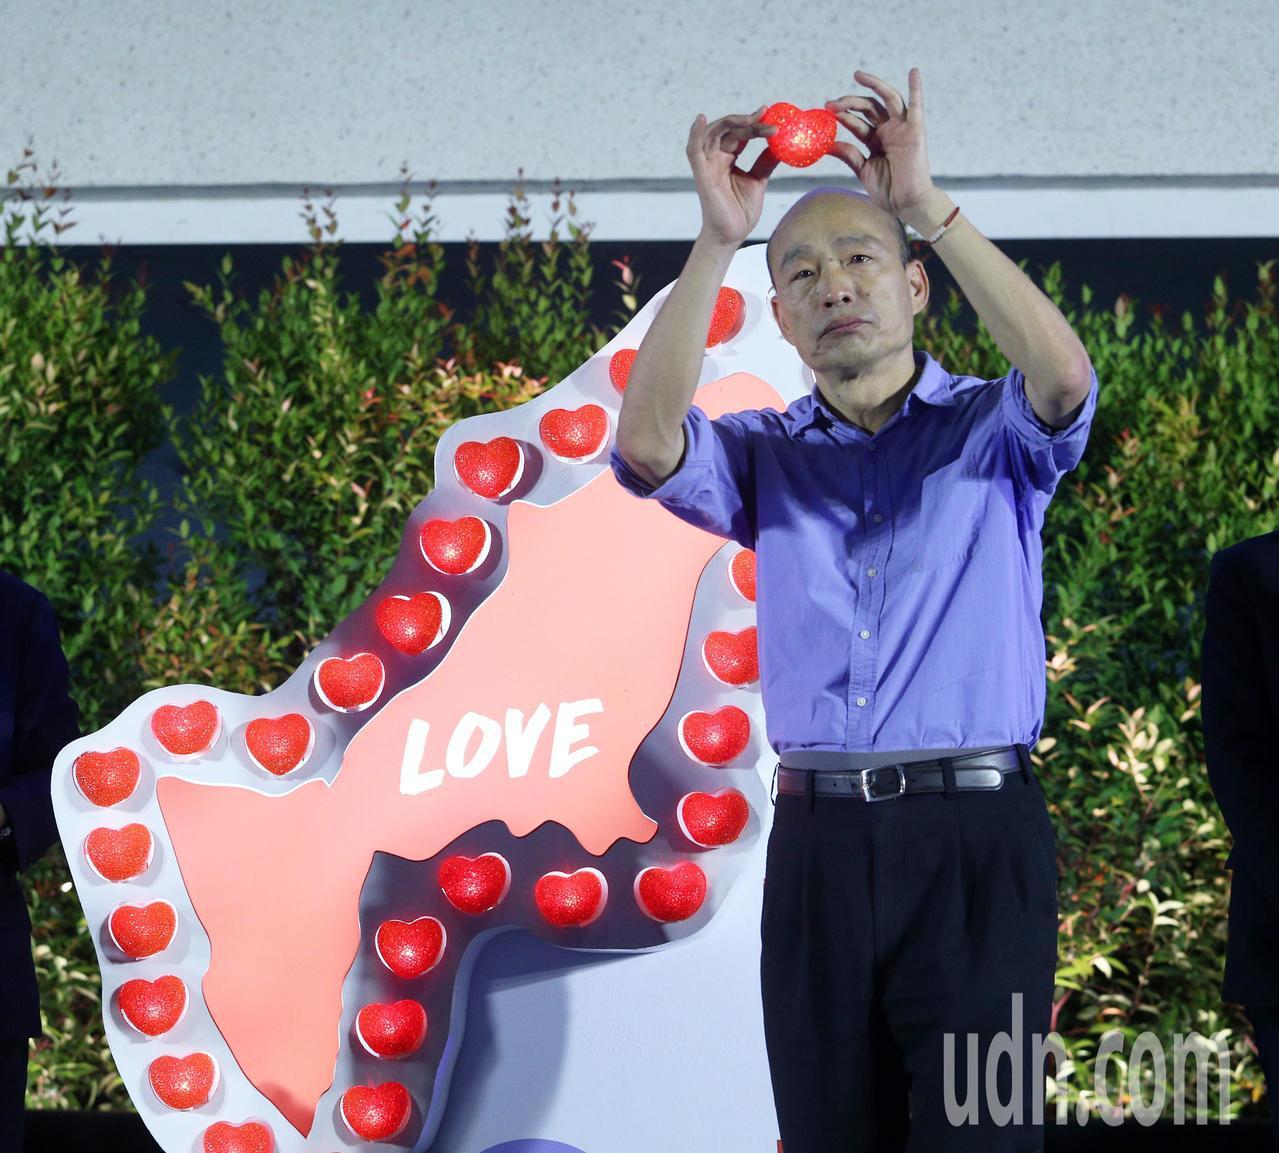 高雄市長韓國瑜今晚參加氣爆五周年紀念大會,並放上心型蠟燭紀念亡者。記者劉學聖/攝...